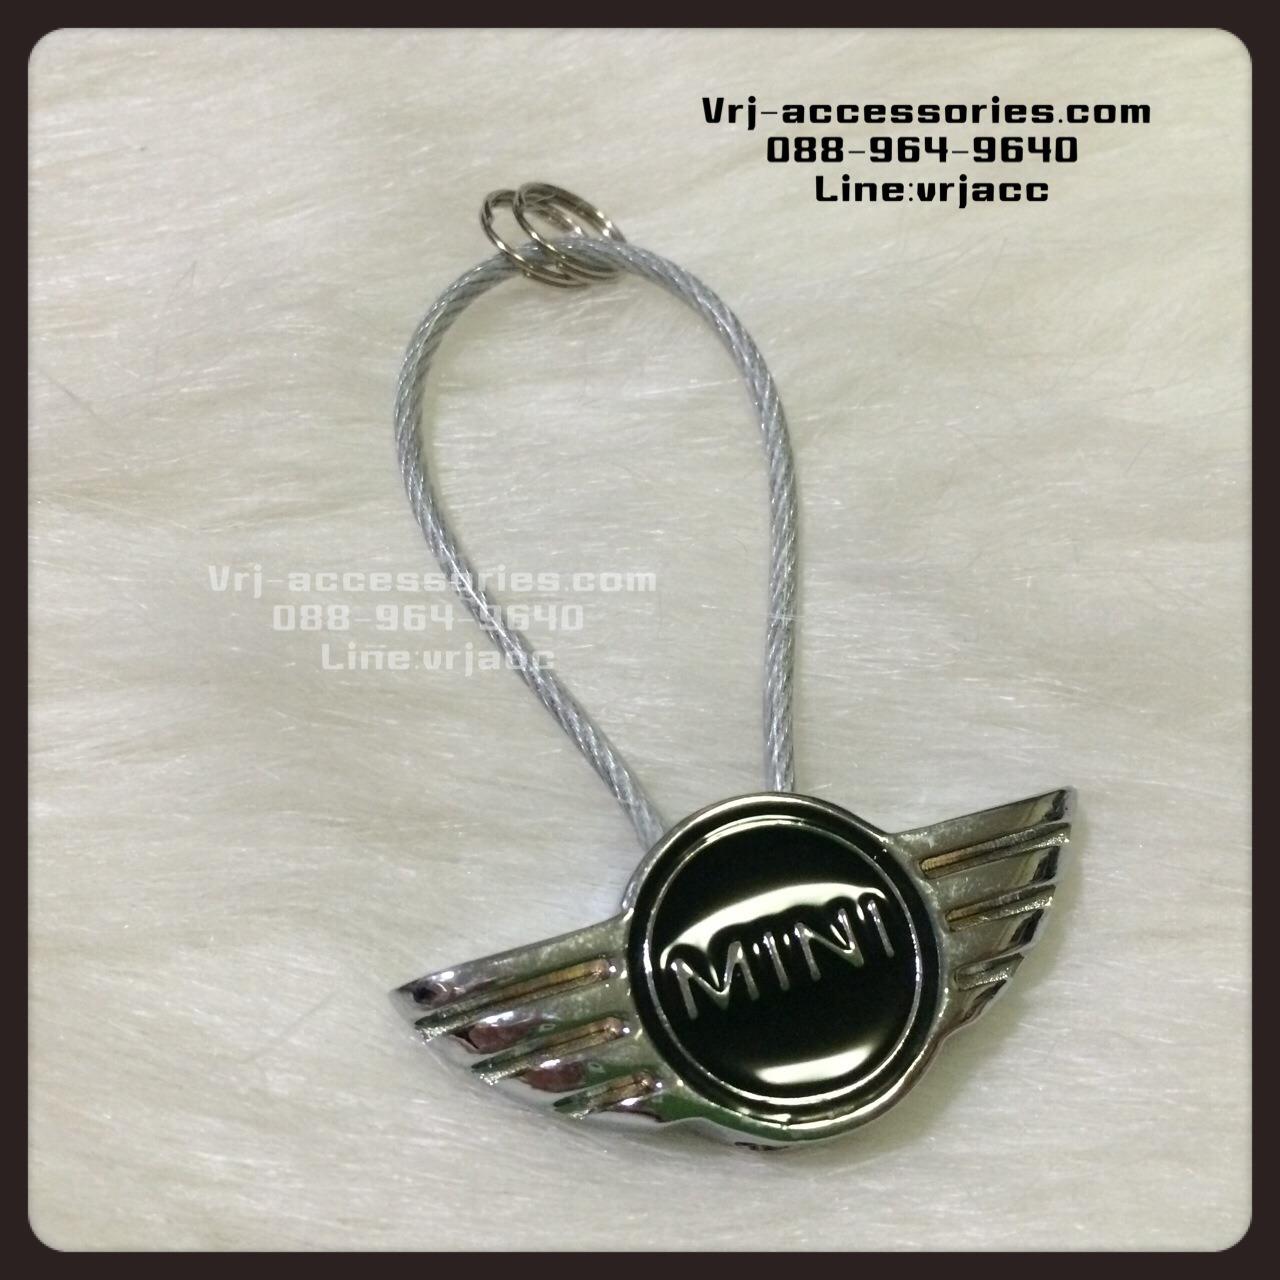 พวงกุญแจ สายคล้องพวงกุญแจsling ยี่ห้อ มินิ:Mini keychain